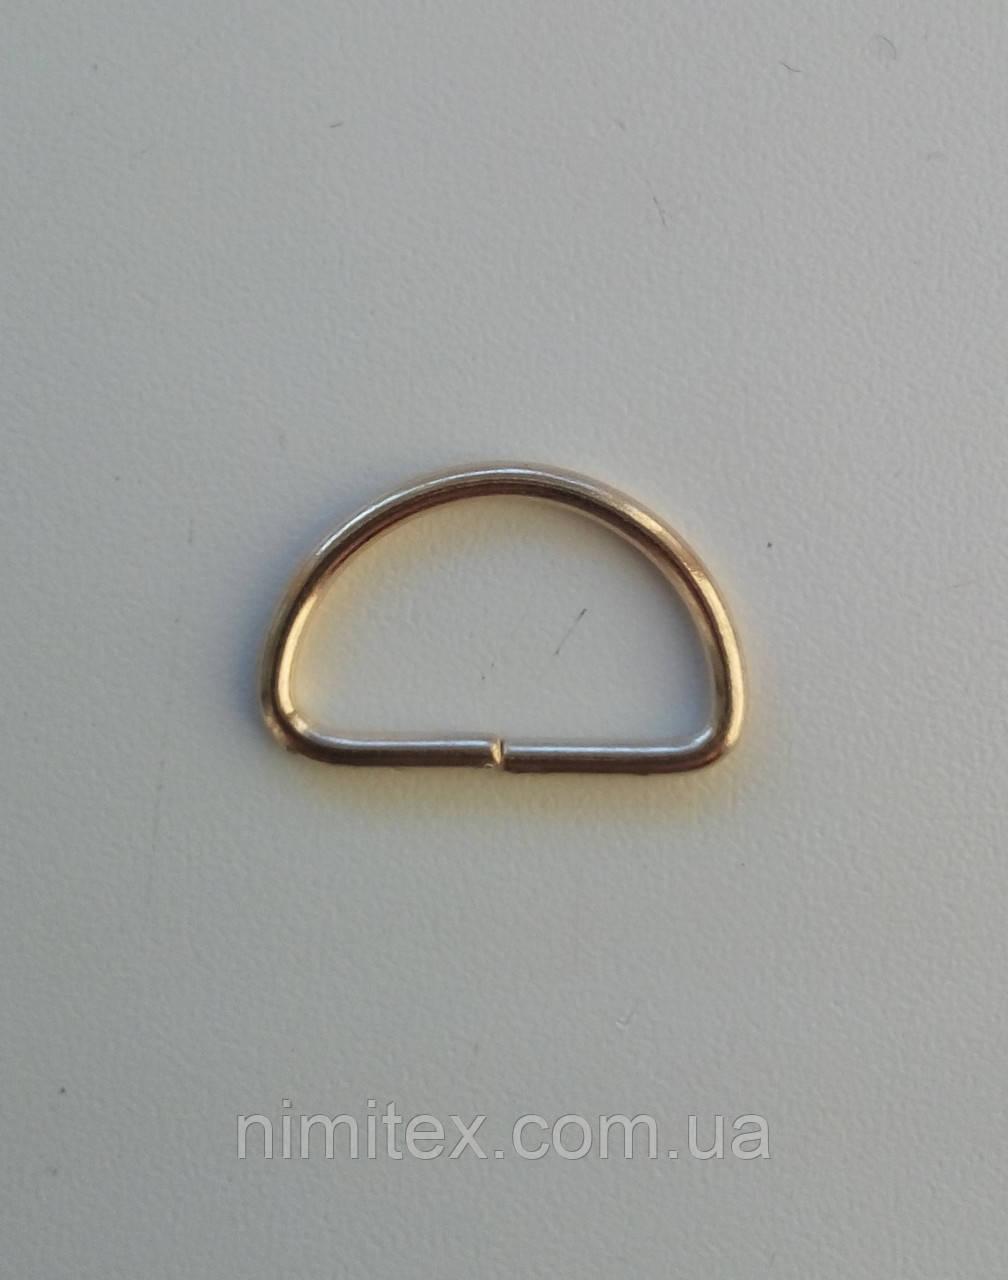 Полукольцо проволочное 21 мм золото